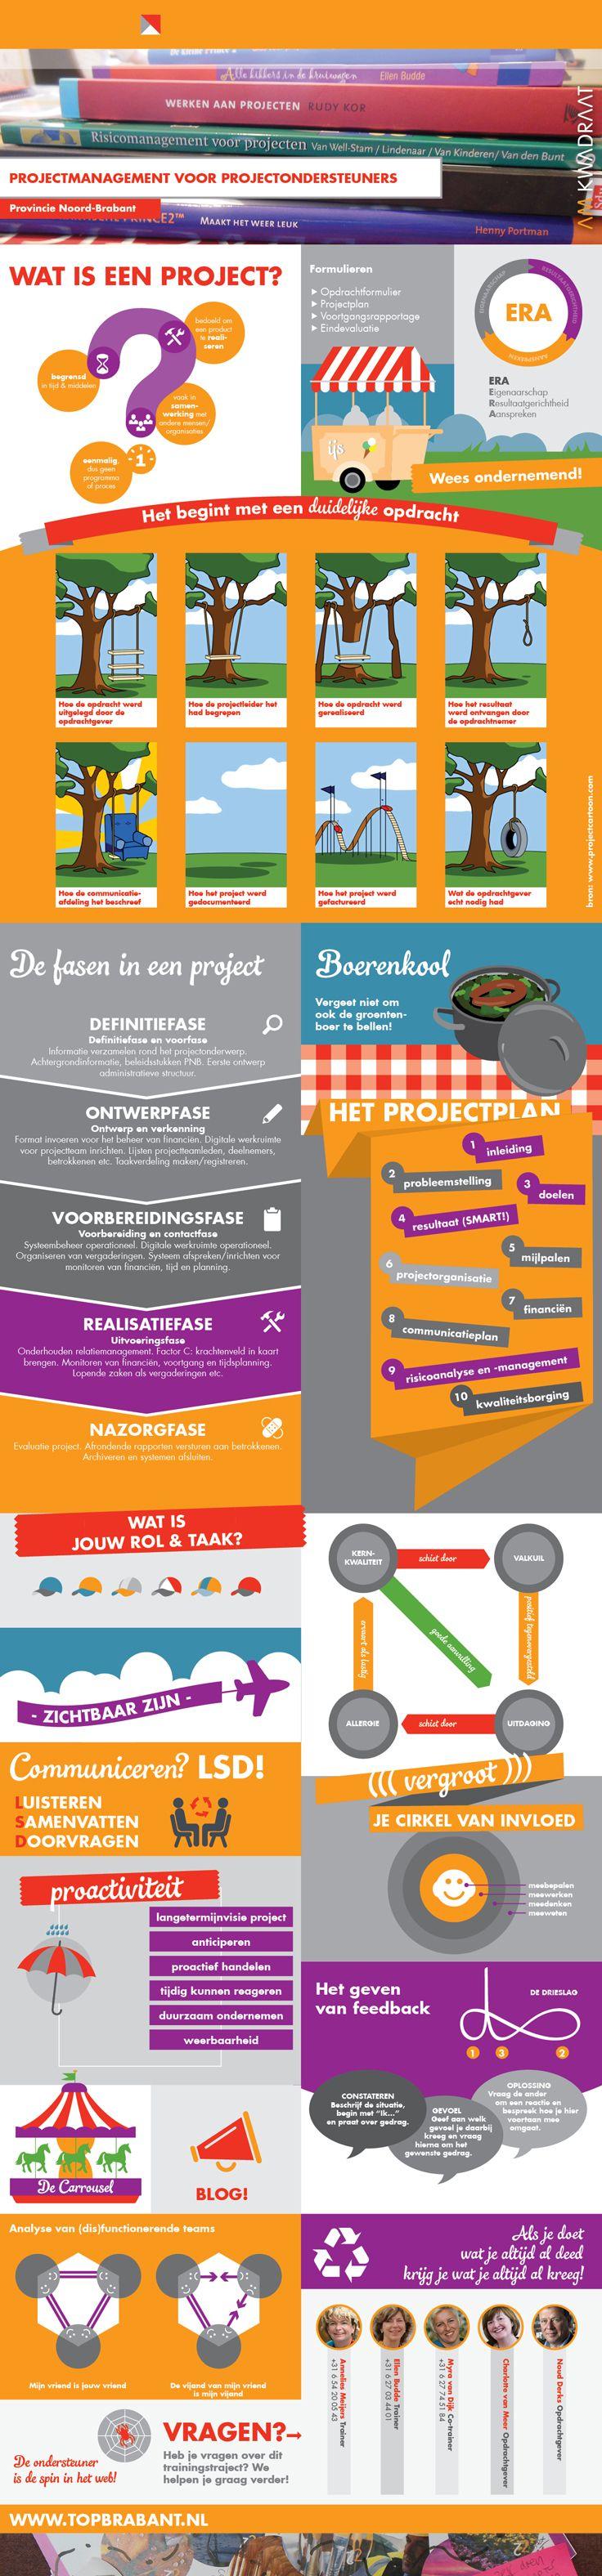 Infographic in opdracht van AM Kwadraat voor Provincie Noord-Brabant. (www.amkwadraat.nl)